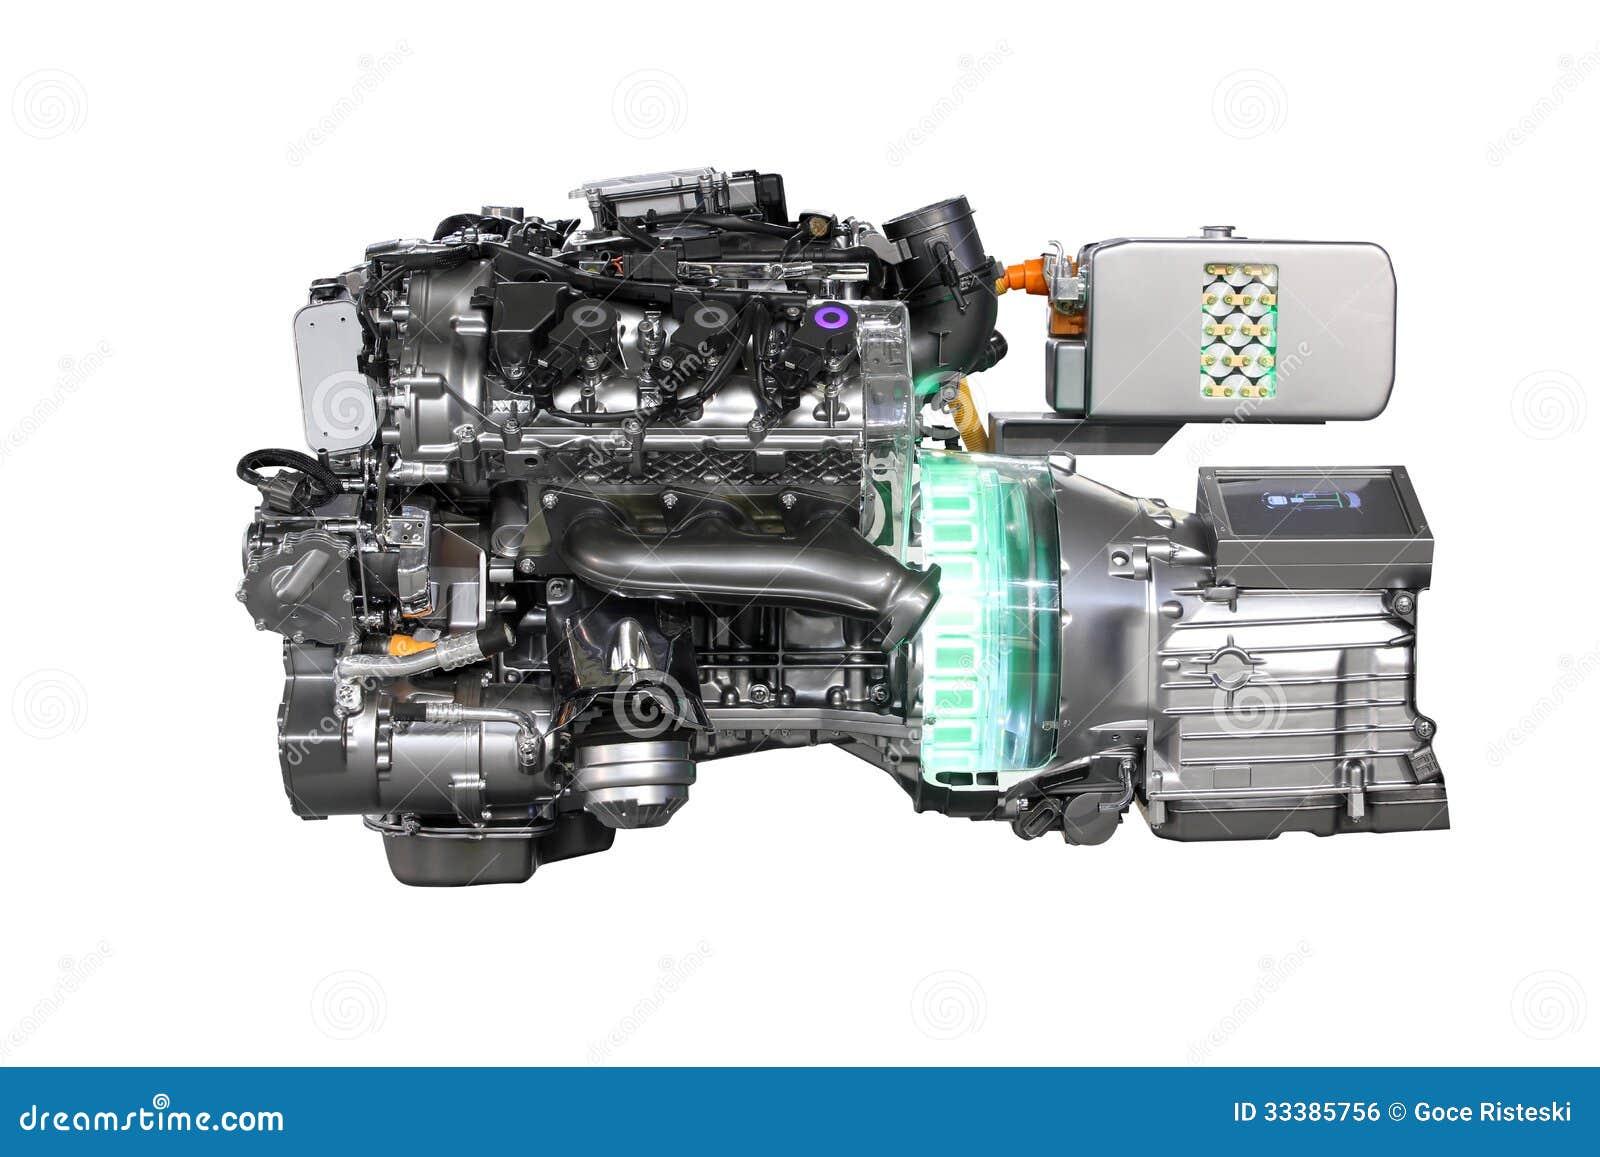 V6 Car Hybrid Engine Royalty Free Stock Image Image